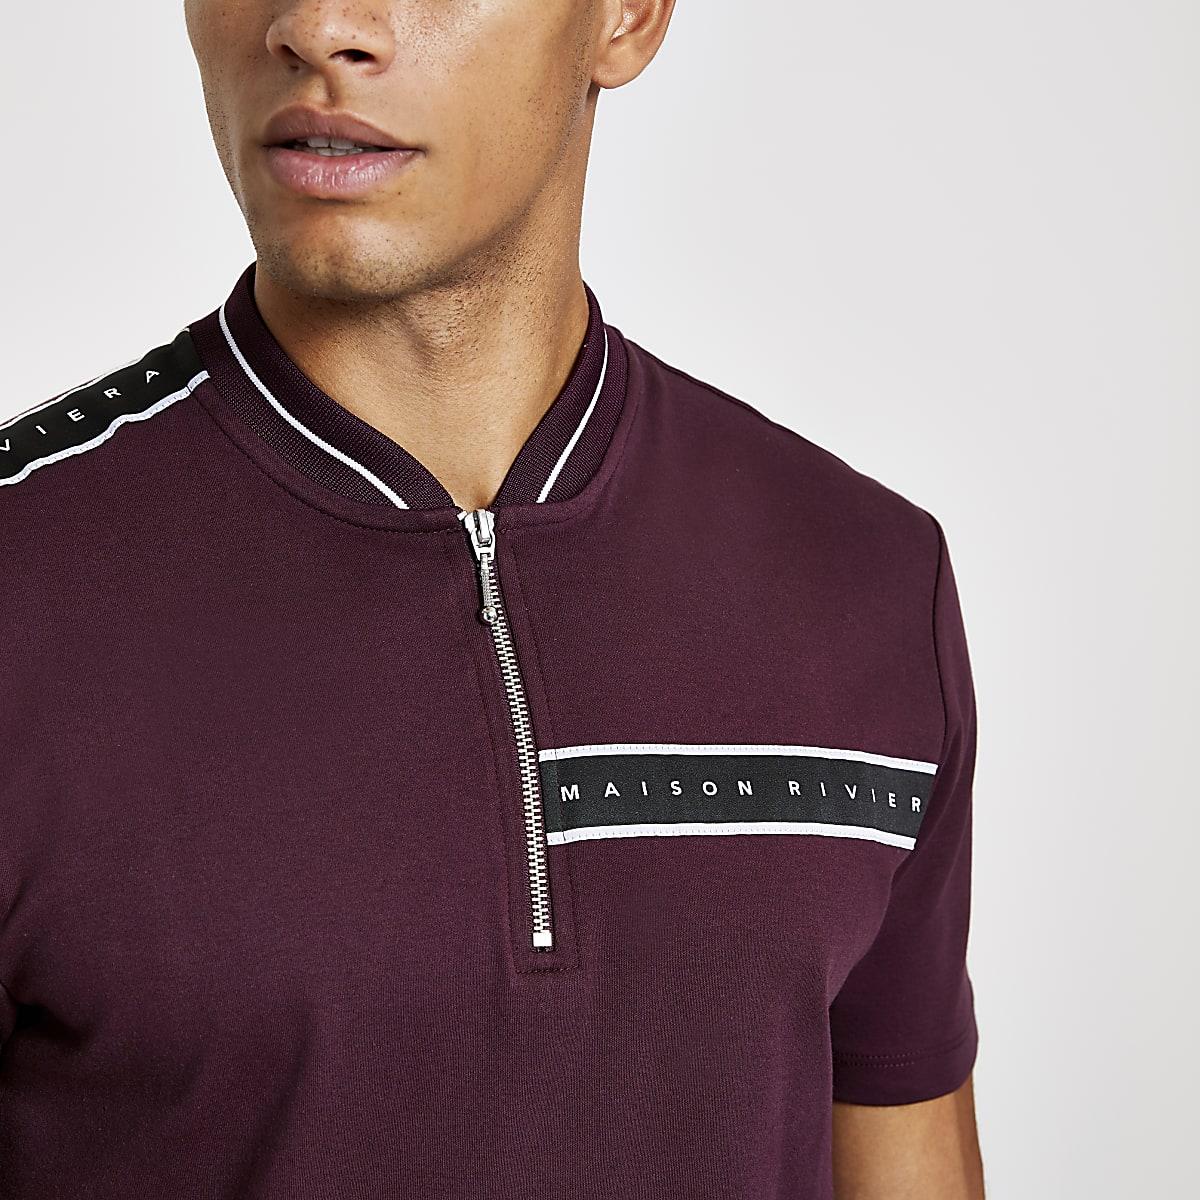 Dark red Maison Riviera zip neck polo shirt